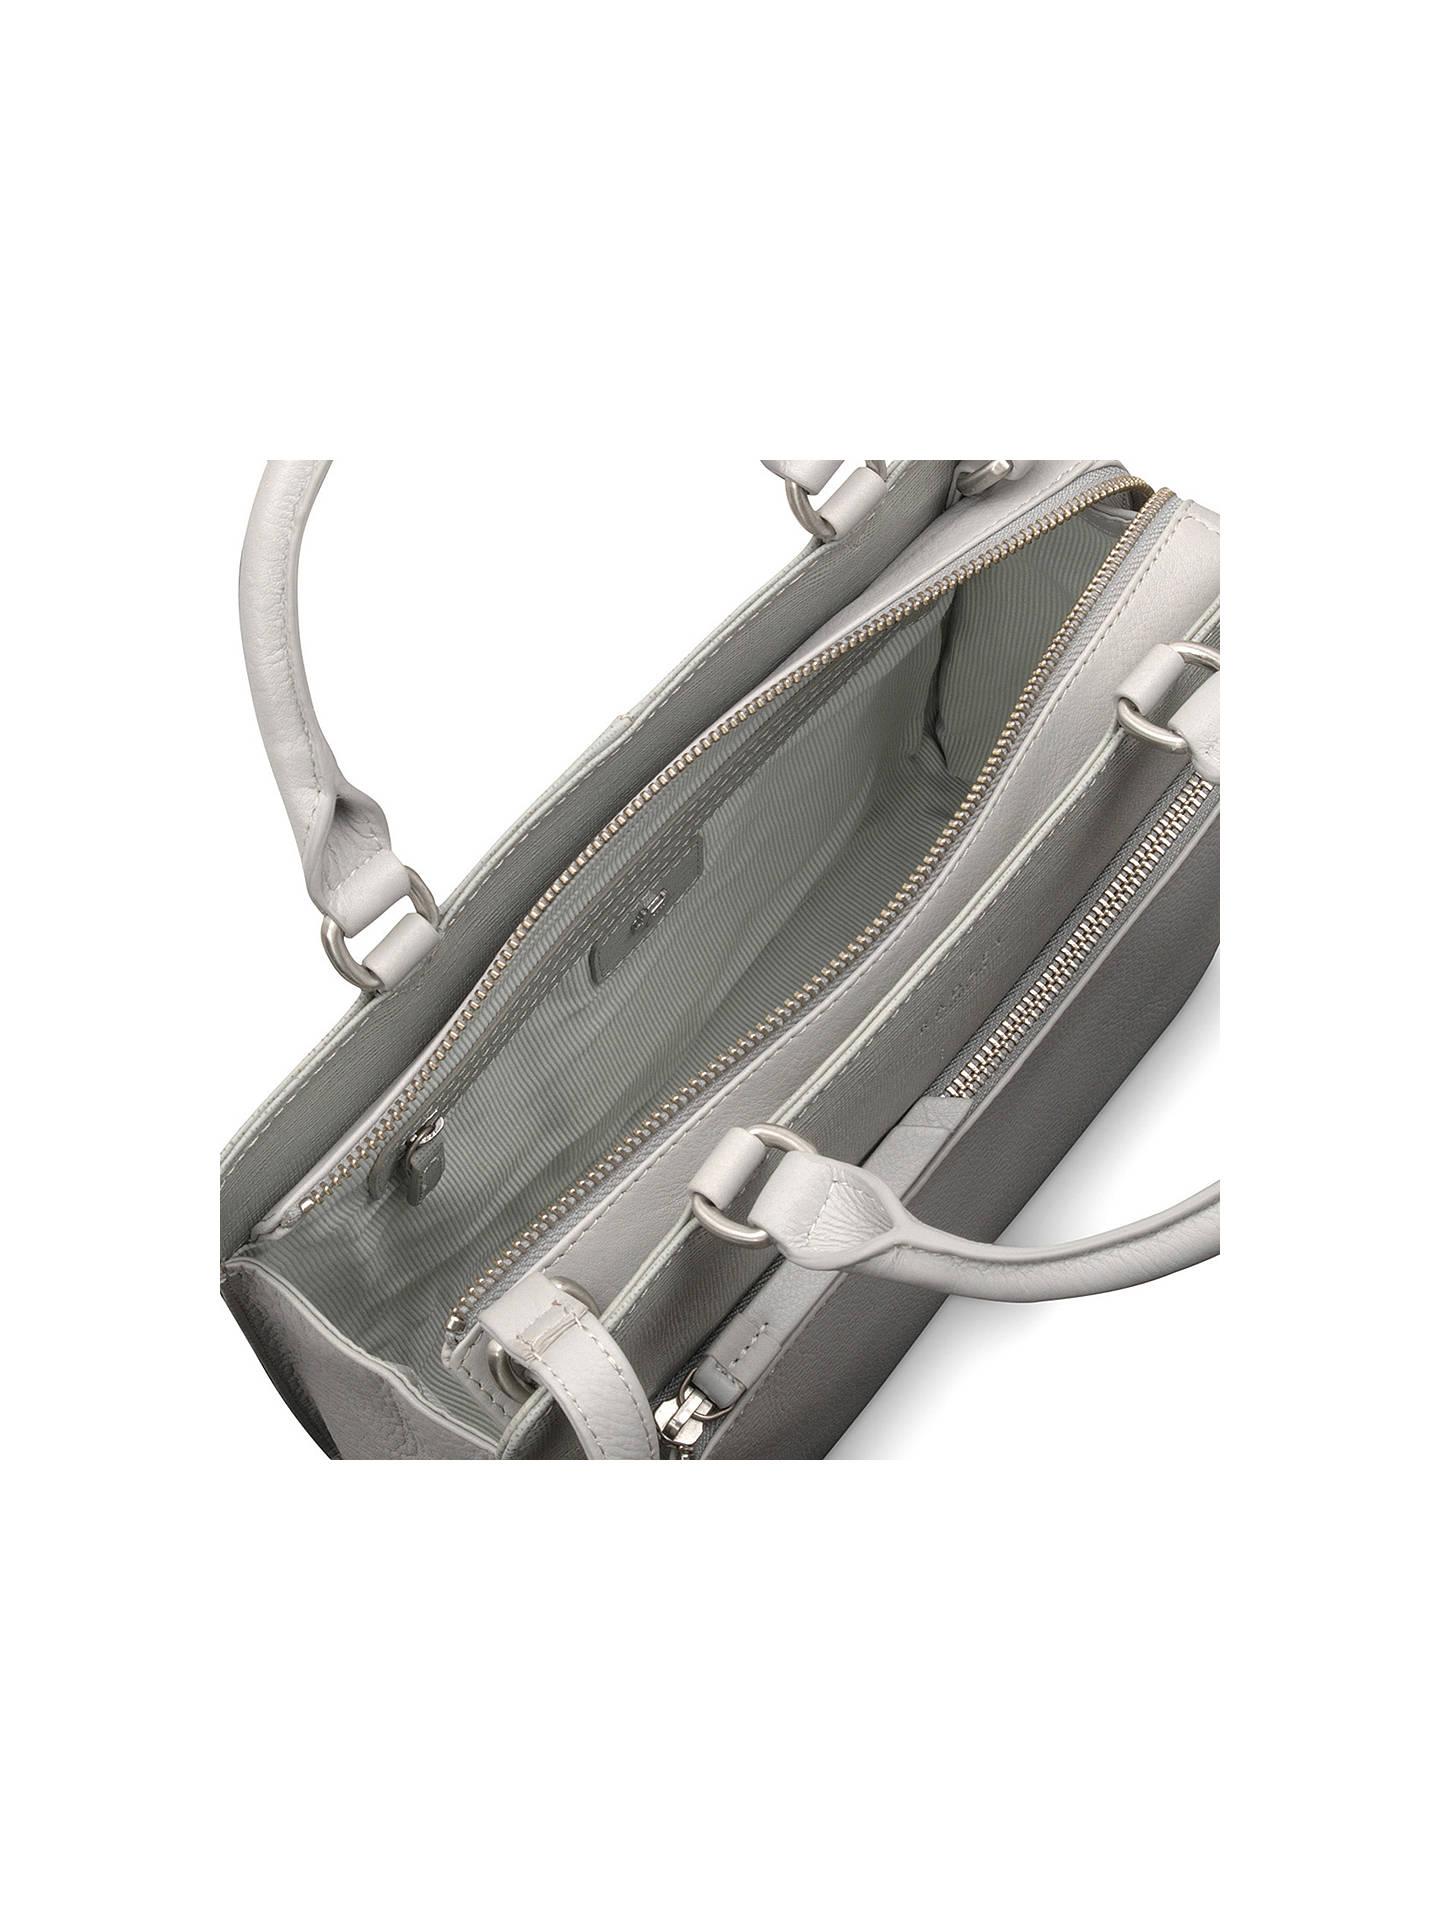 0ea3fb8efb Radley Clerkenwell Leather Medium Multiway Shoulder Bag at John ...